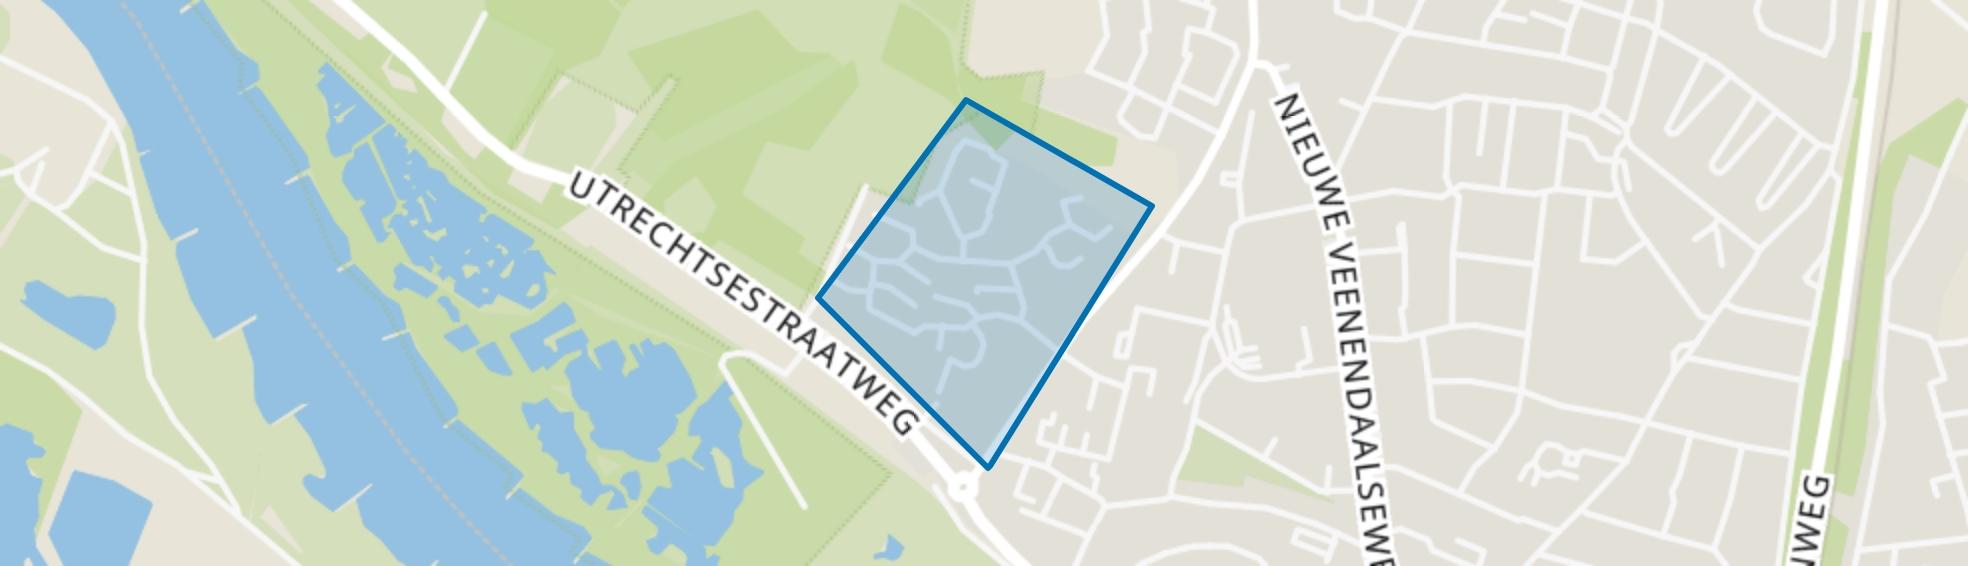 Donderberg, Rhenen map